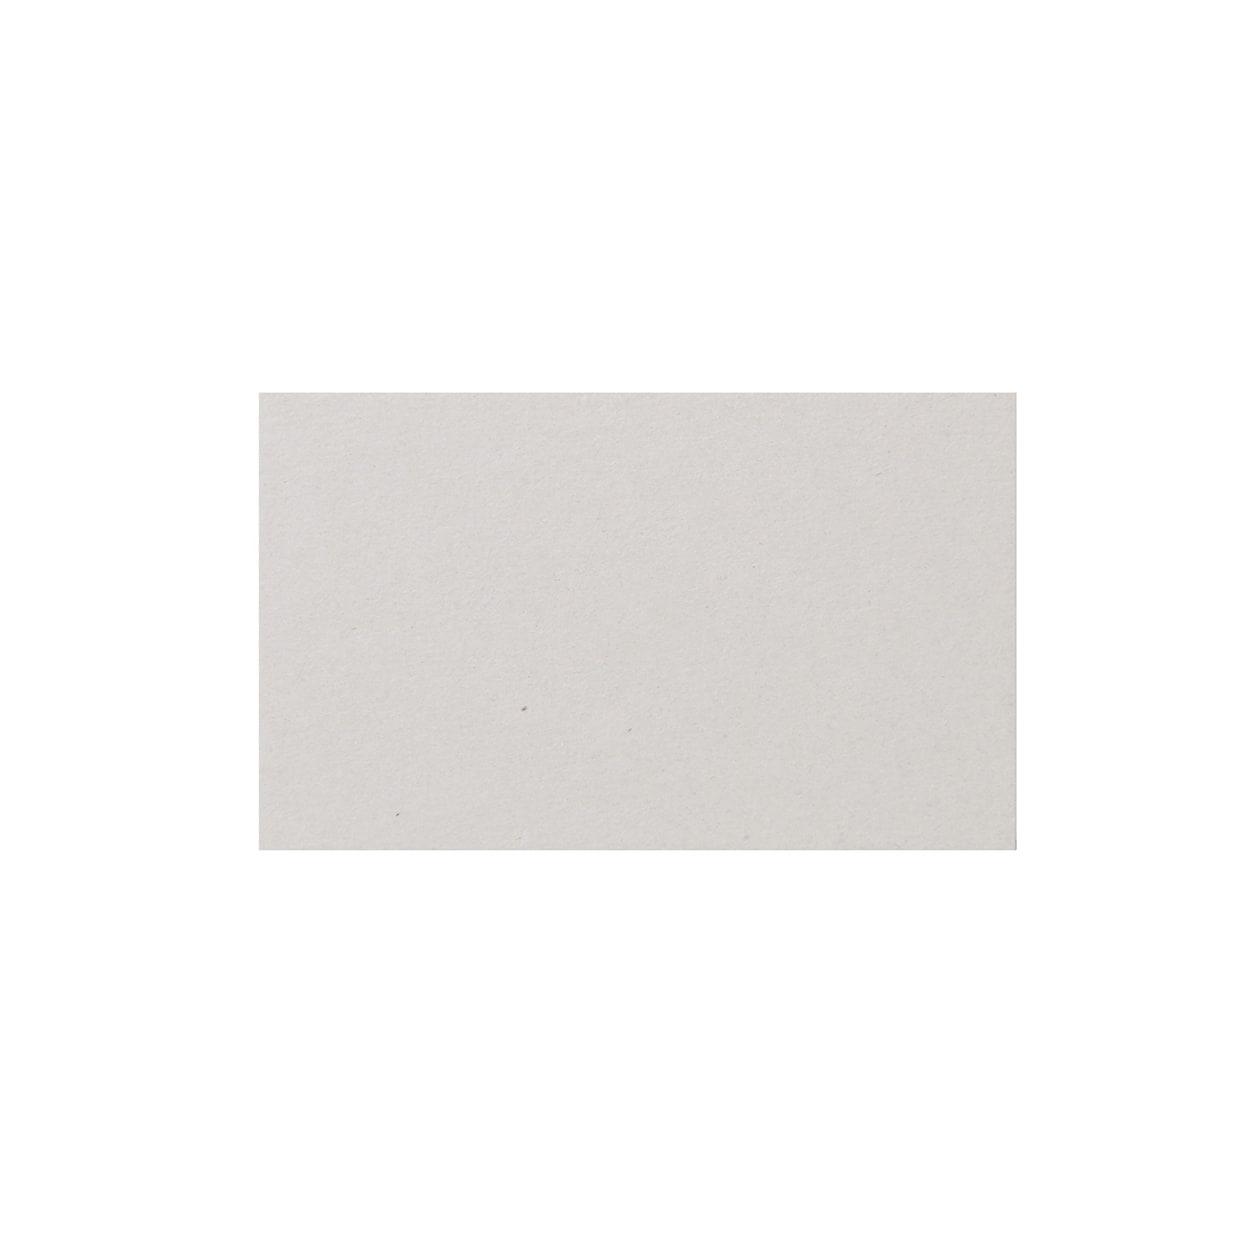 ネームカード ボード紙 グレー 450g